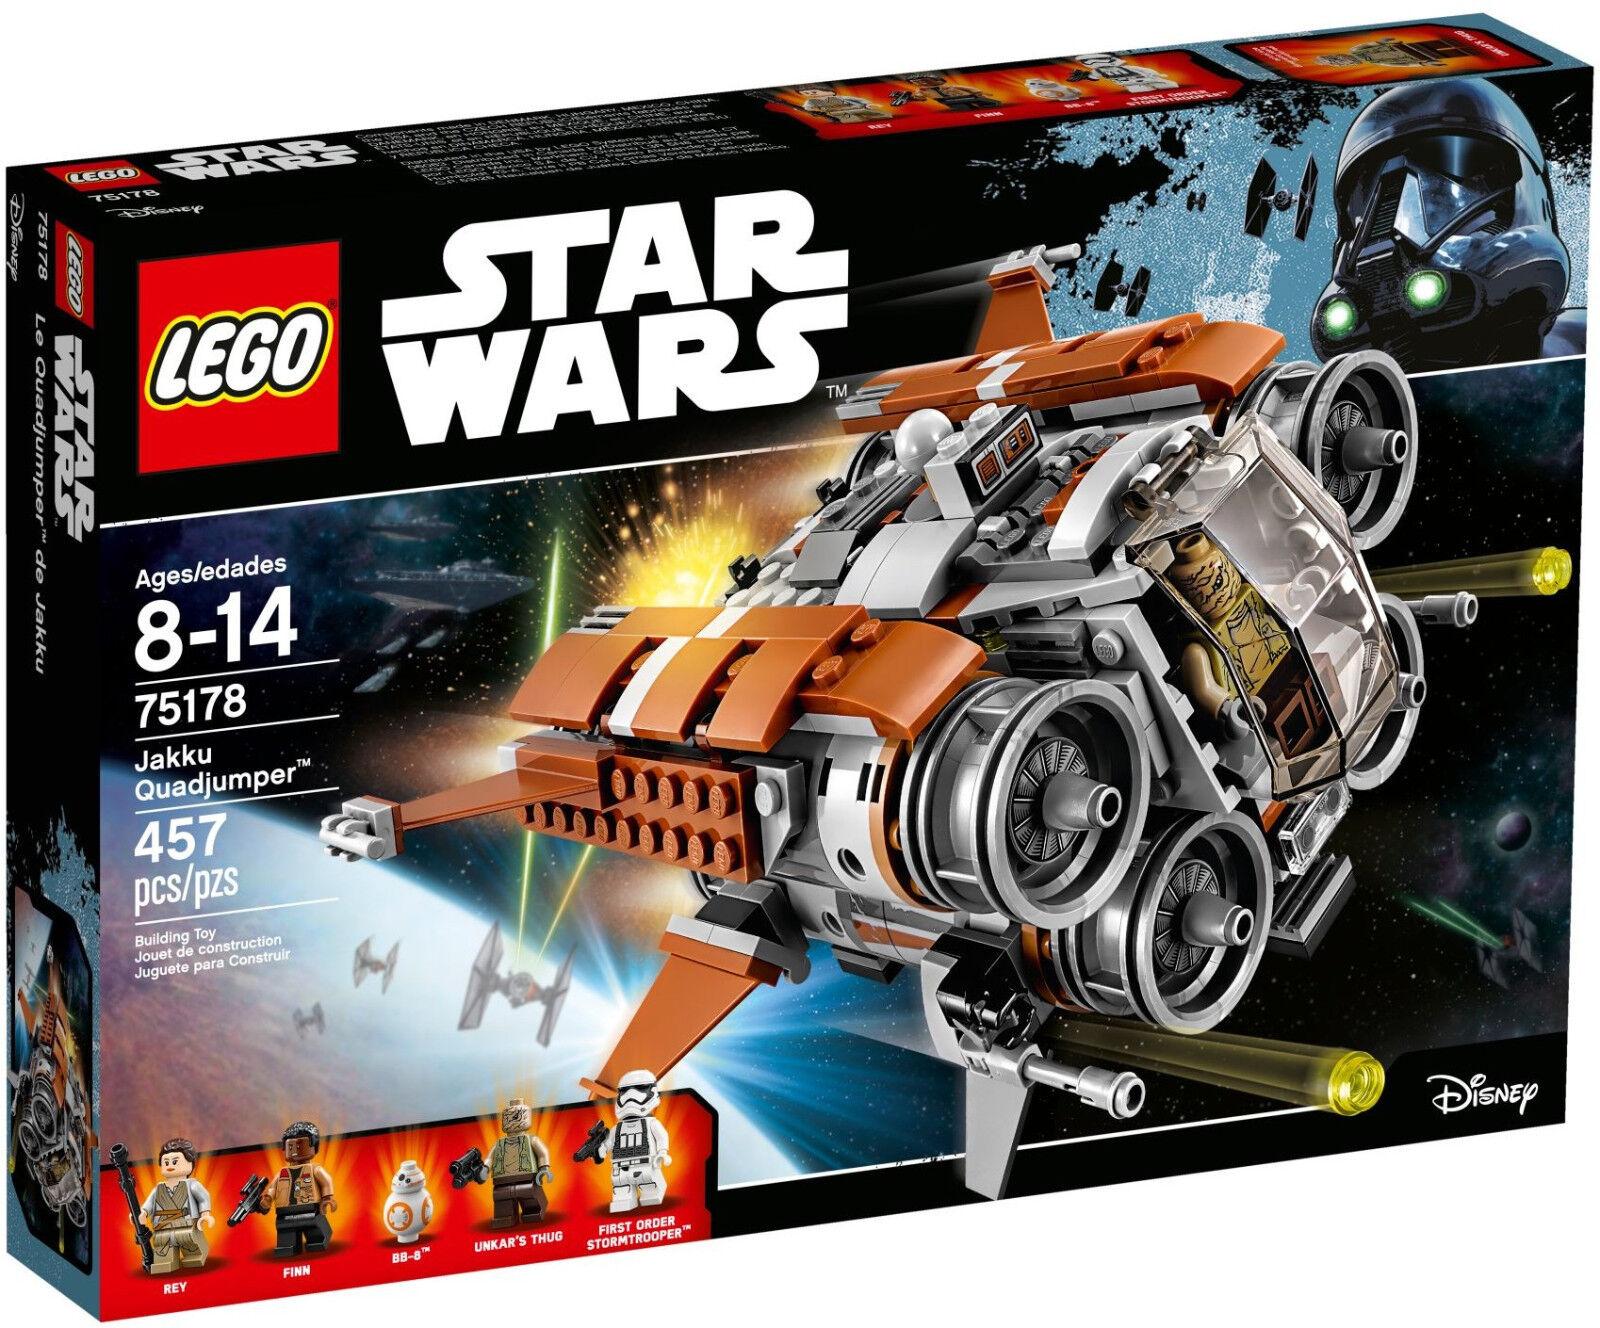 Lego Star Wars Wars Wars - 75178 Jakku quadjumper avec Rey, Finn & bb-8 - NEUF & neuf dans sa boîte 40fbd6